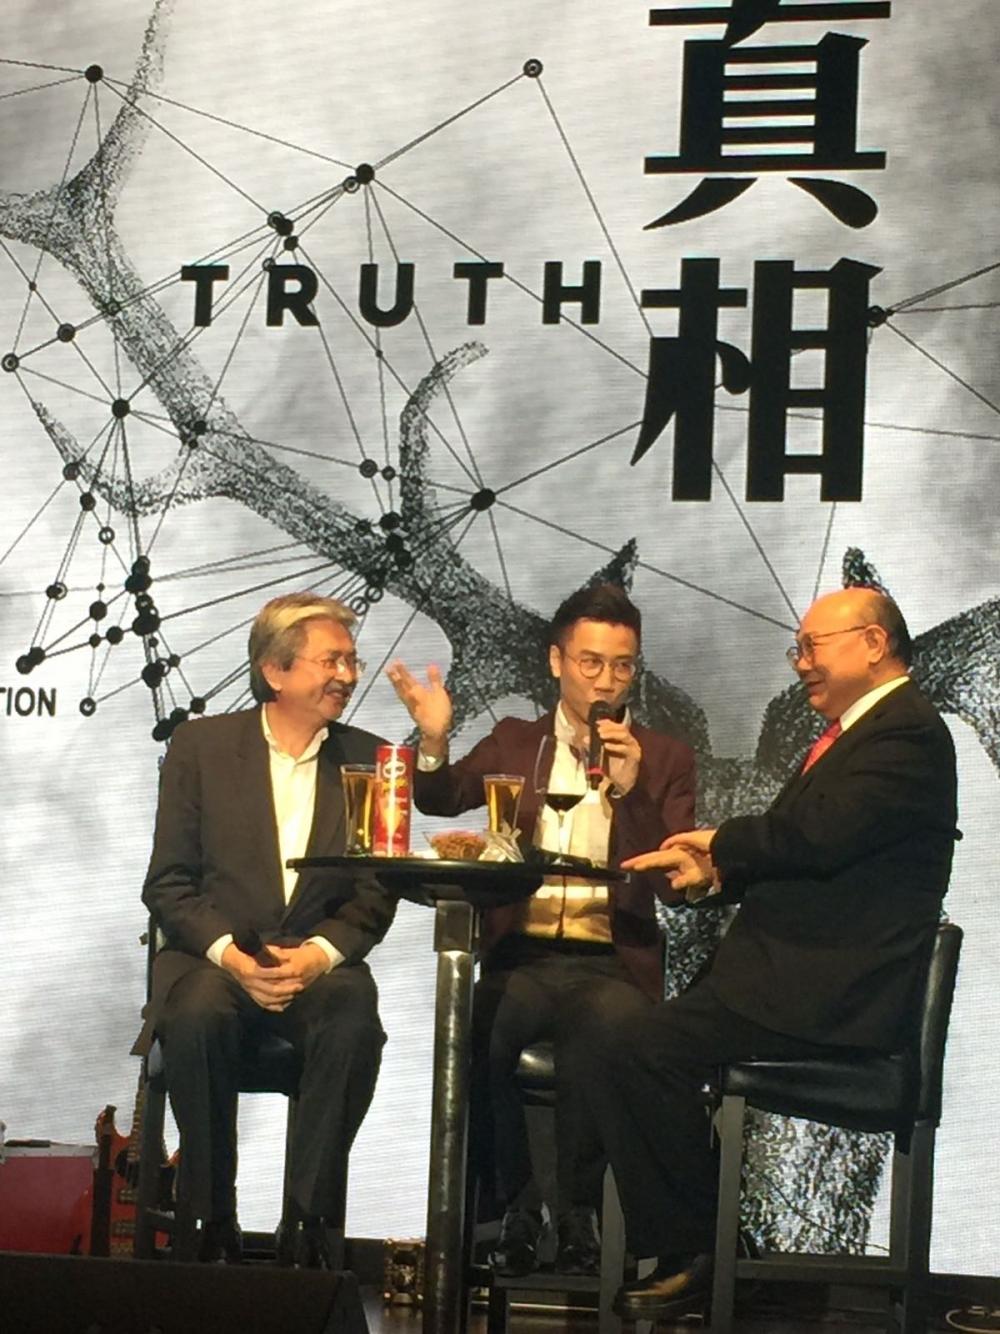 記協更邀請到曾俊華及胡官胡國興一起上台摸住酒杯底對談。